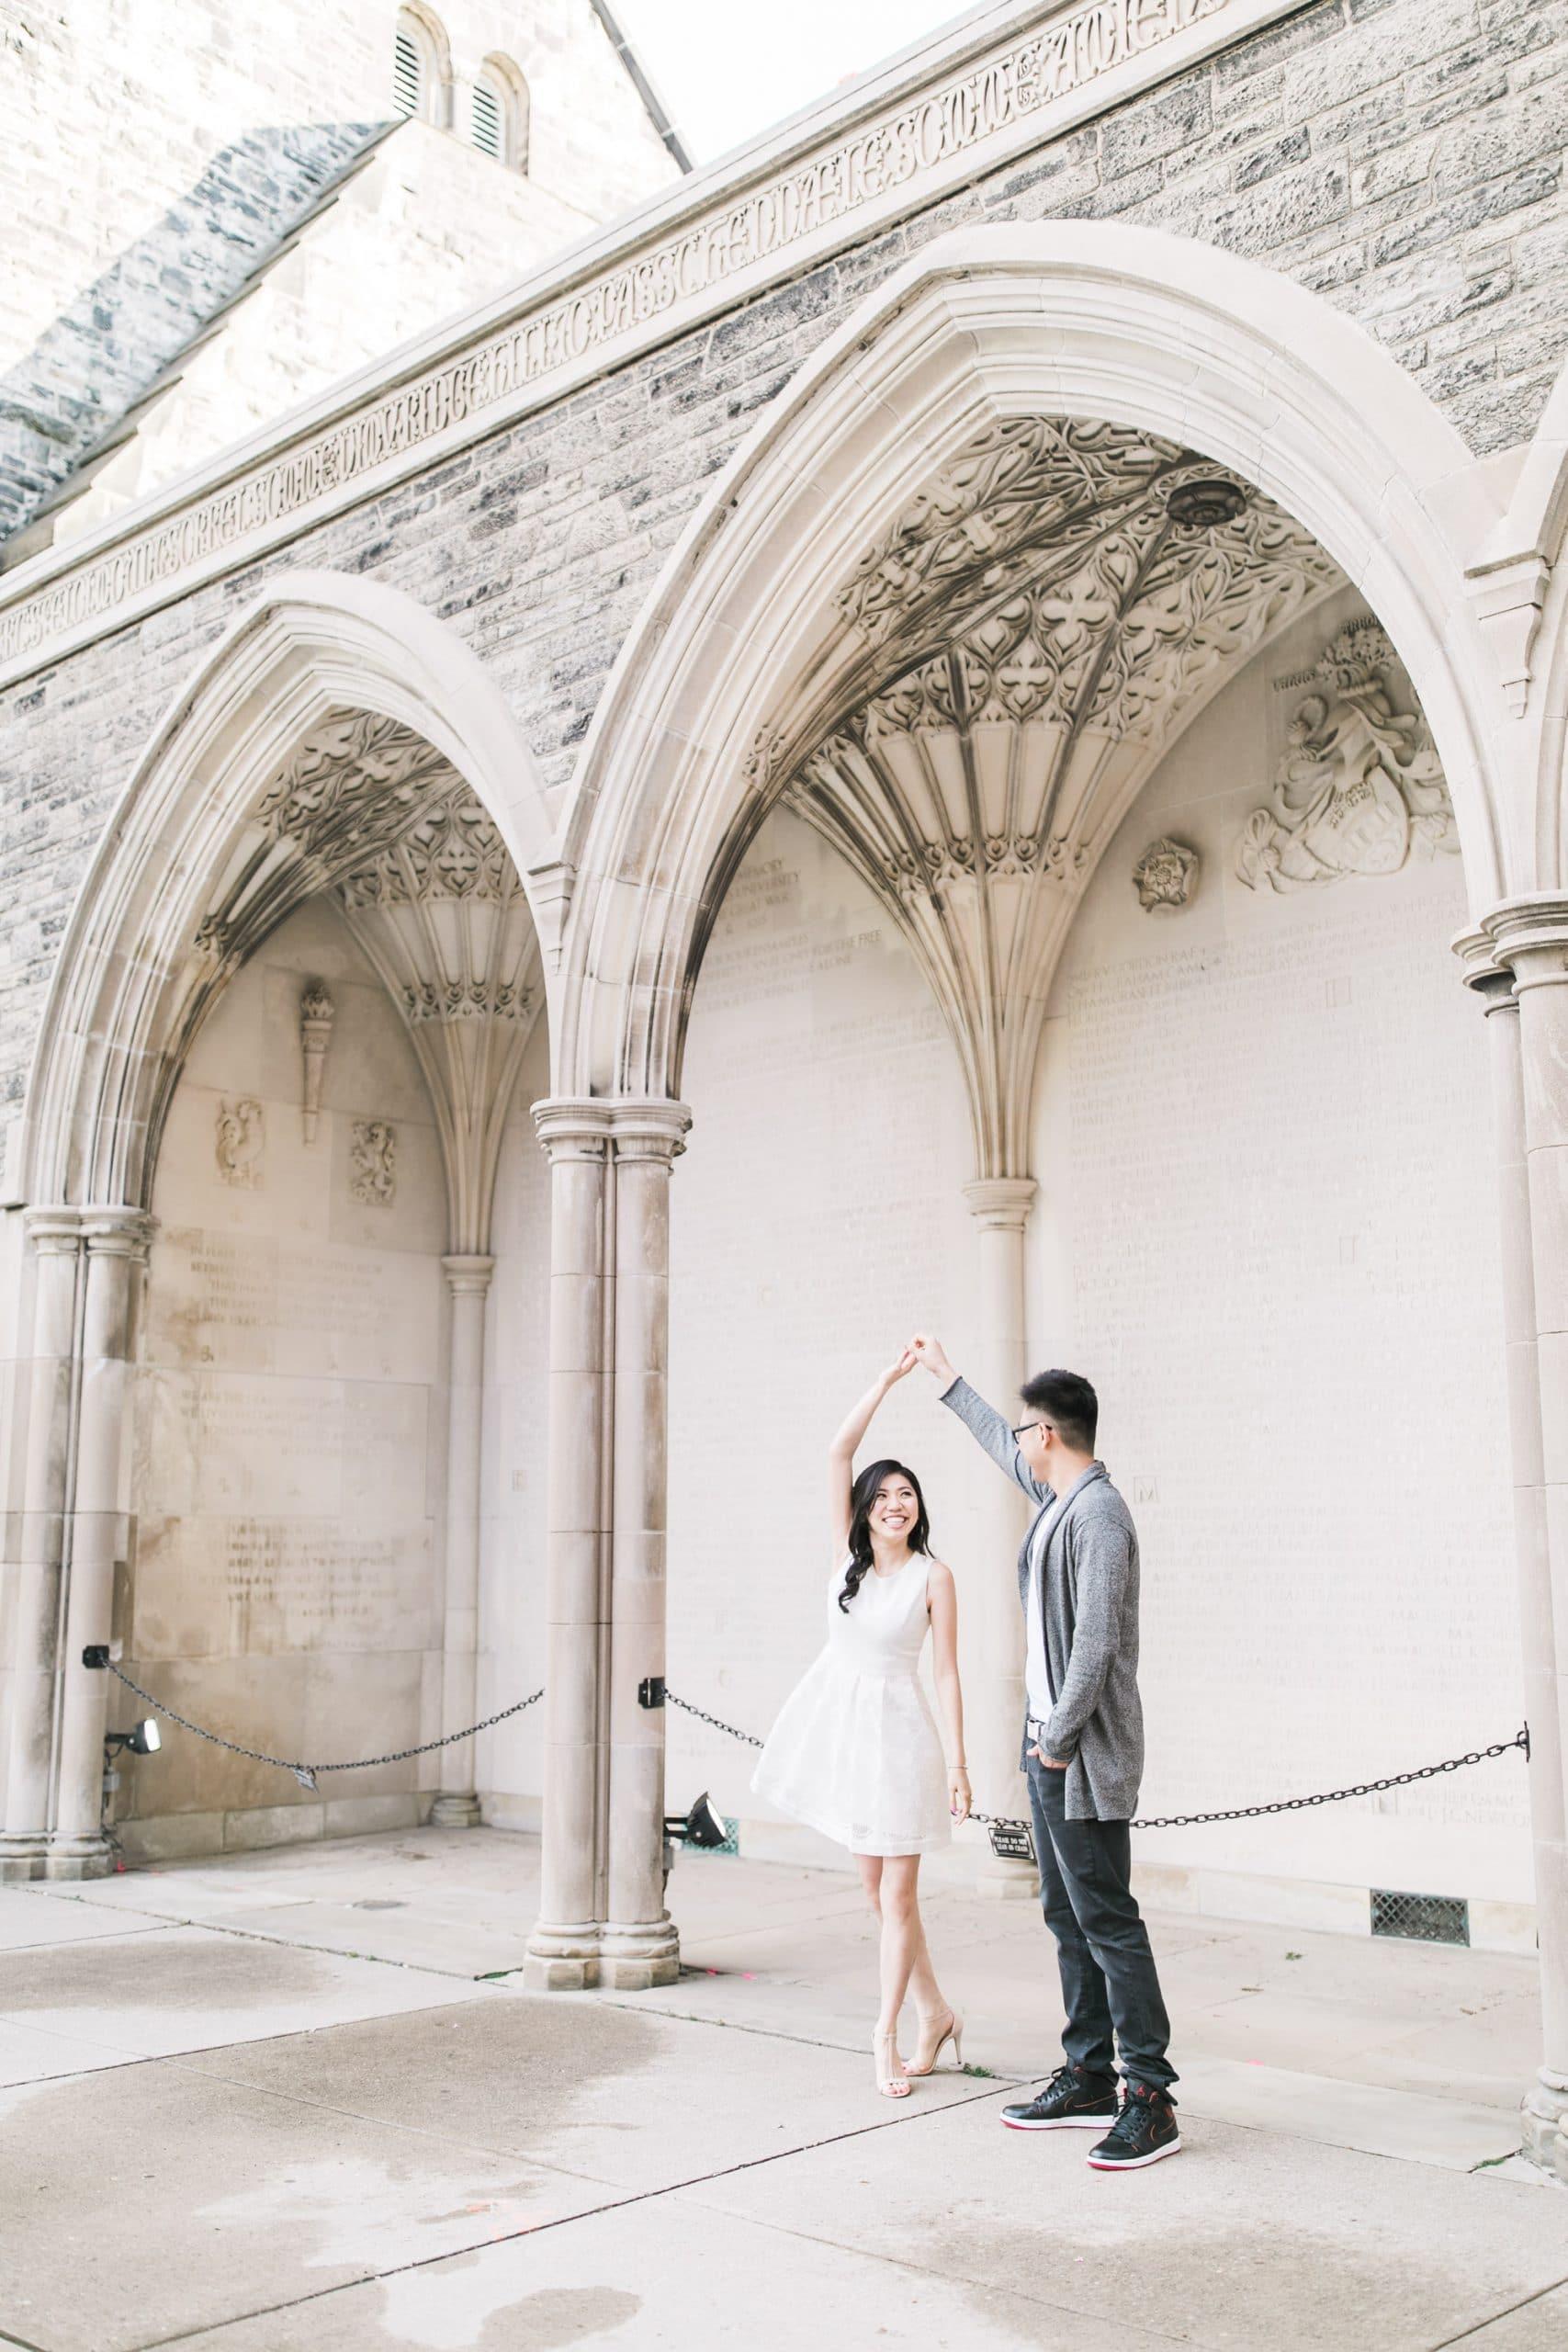 University of Toronto Rhythm Photography